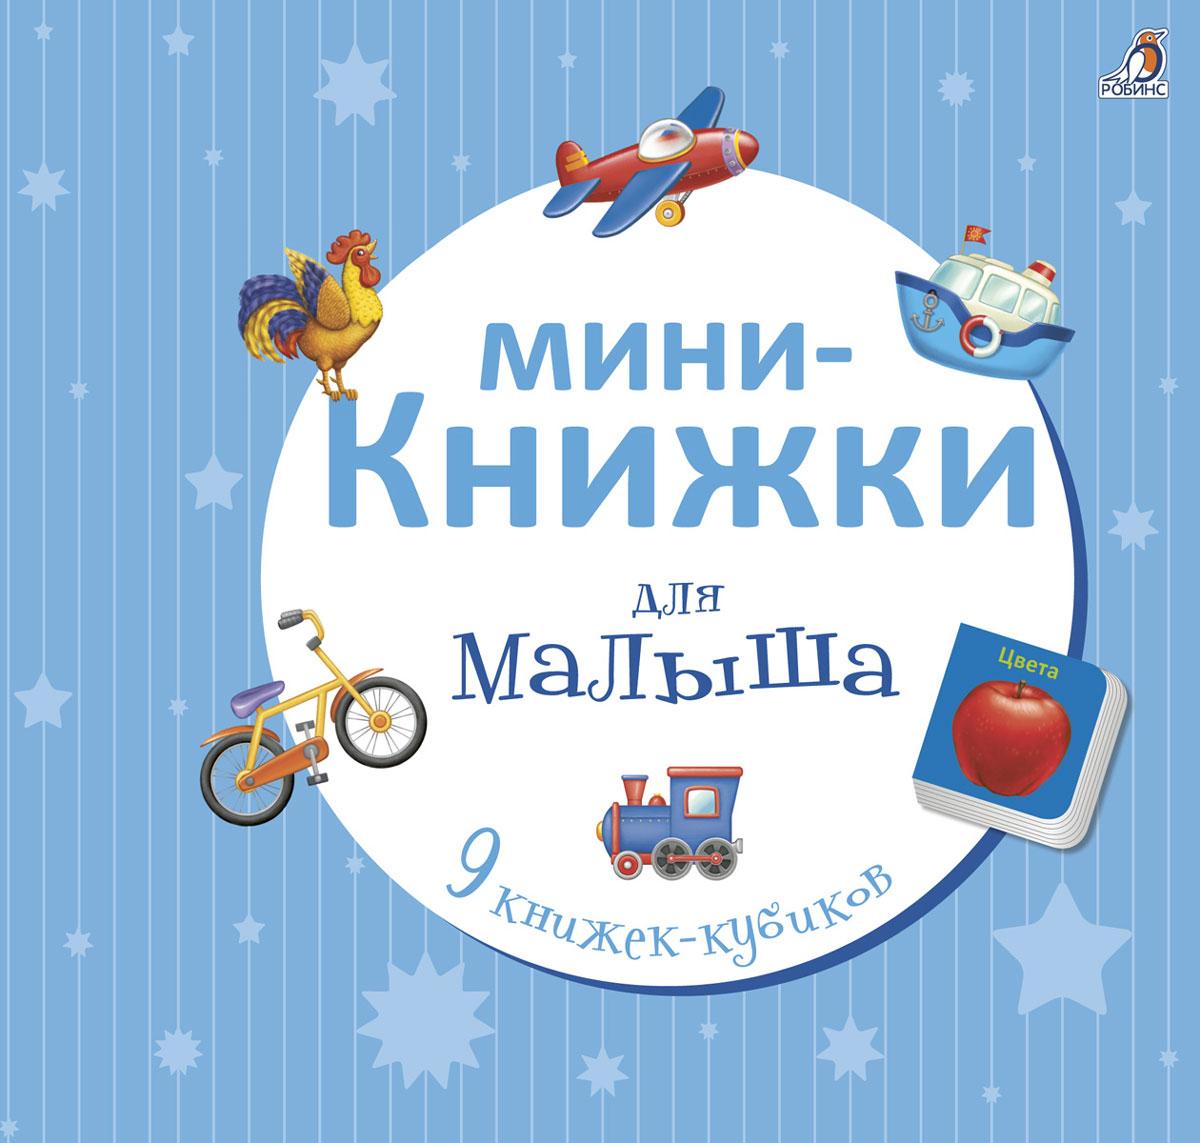 Мини-книжки для малыша (комплект из 9 книжек-кубиков) книга для детей clever 9 книжек кубиков умный малыш